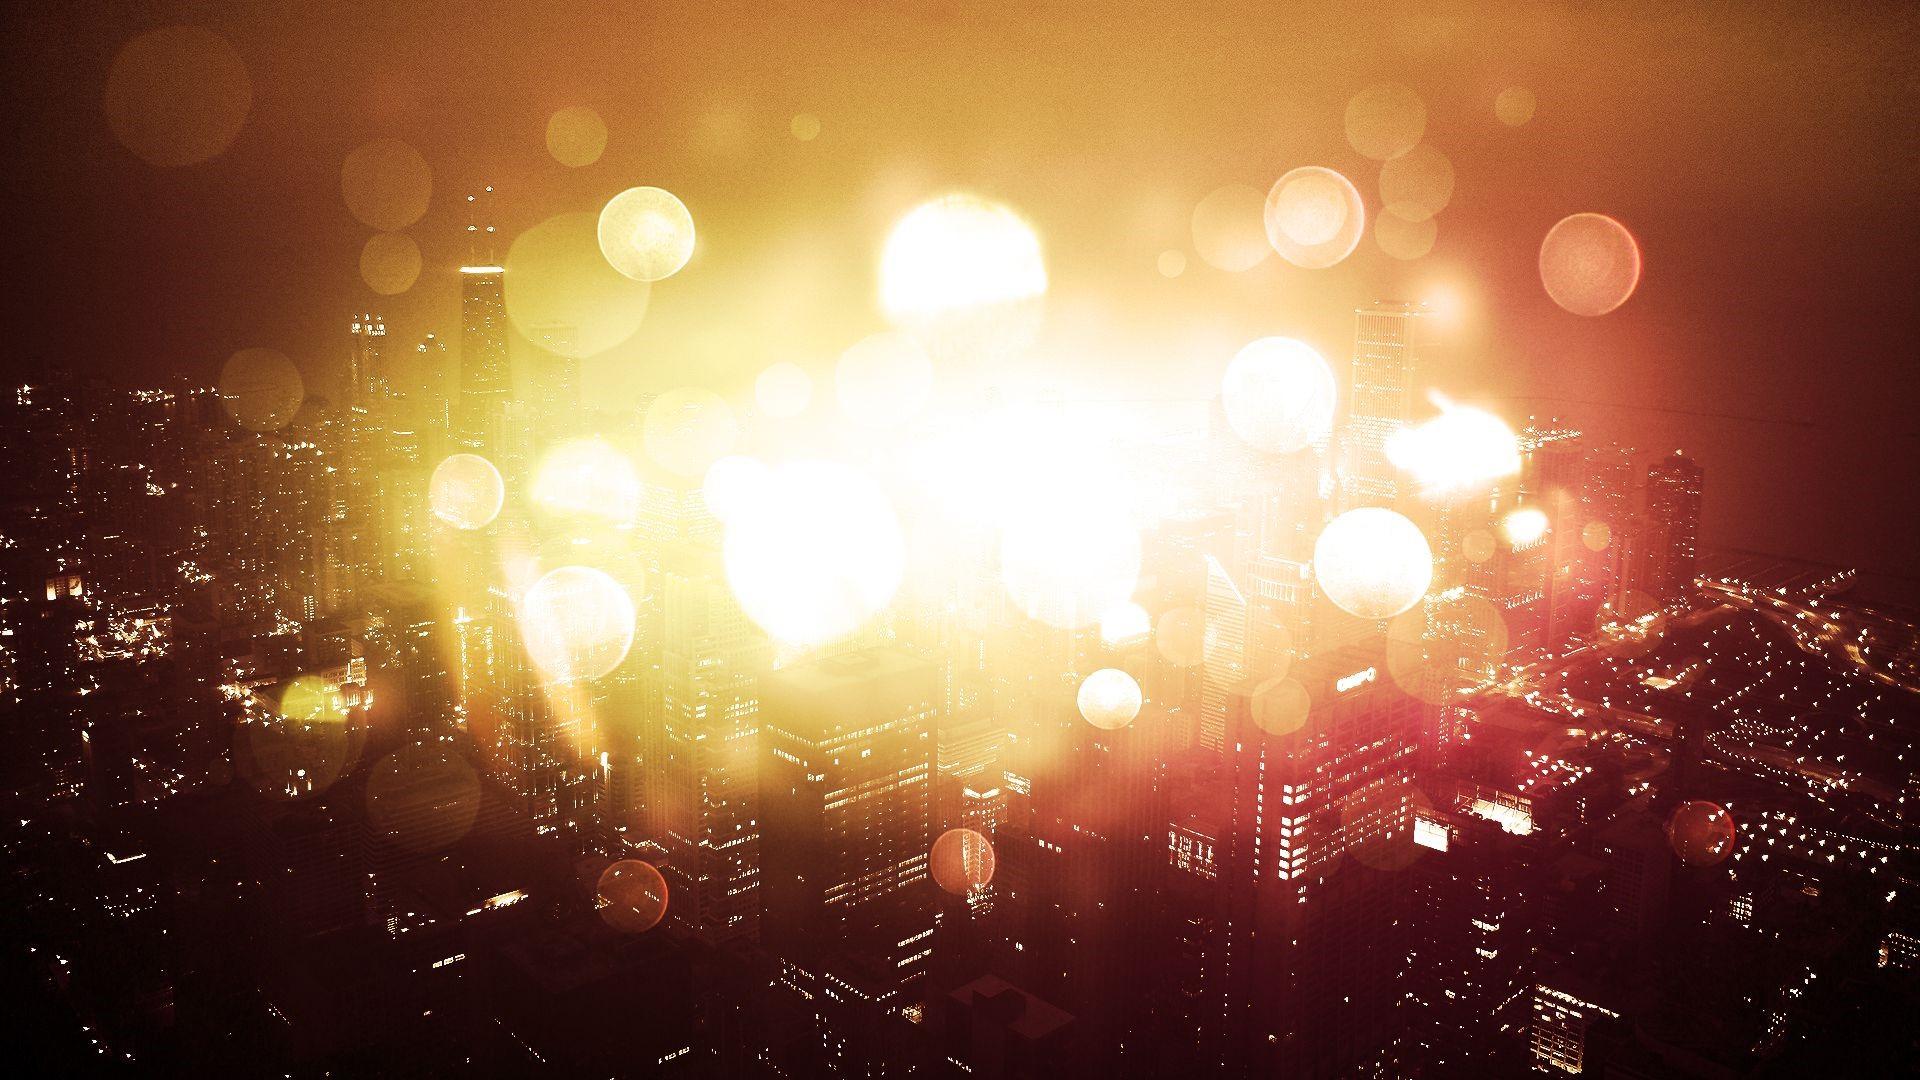 Bokeh Light in The City Desktop HD Wallpaper